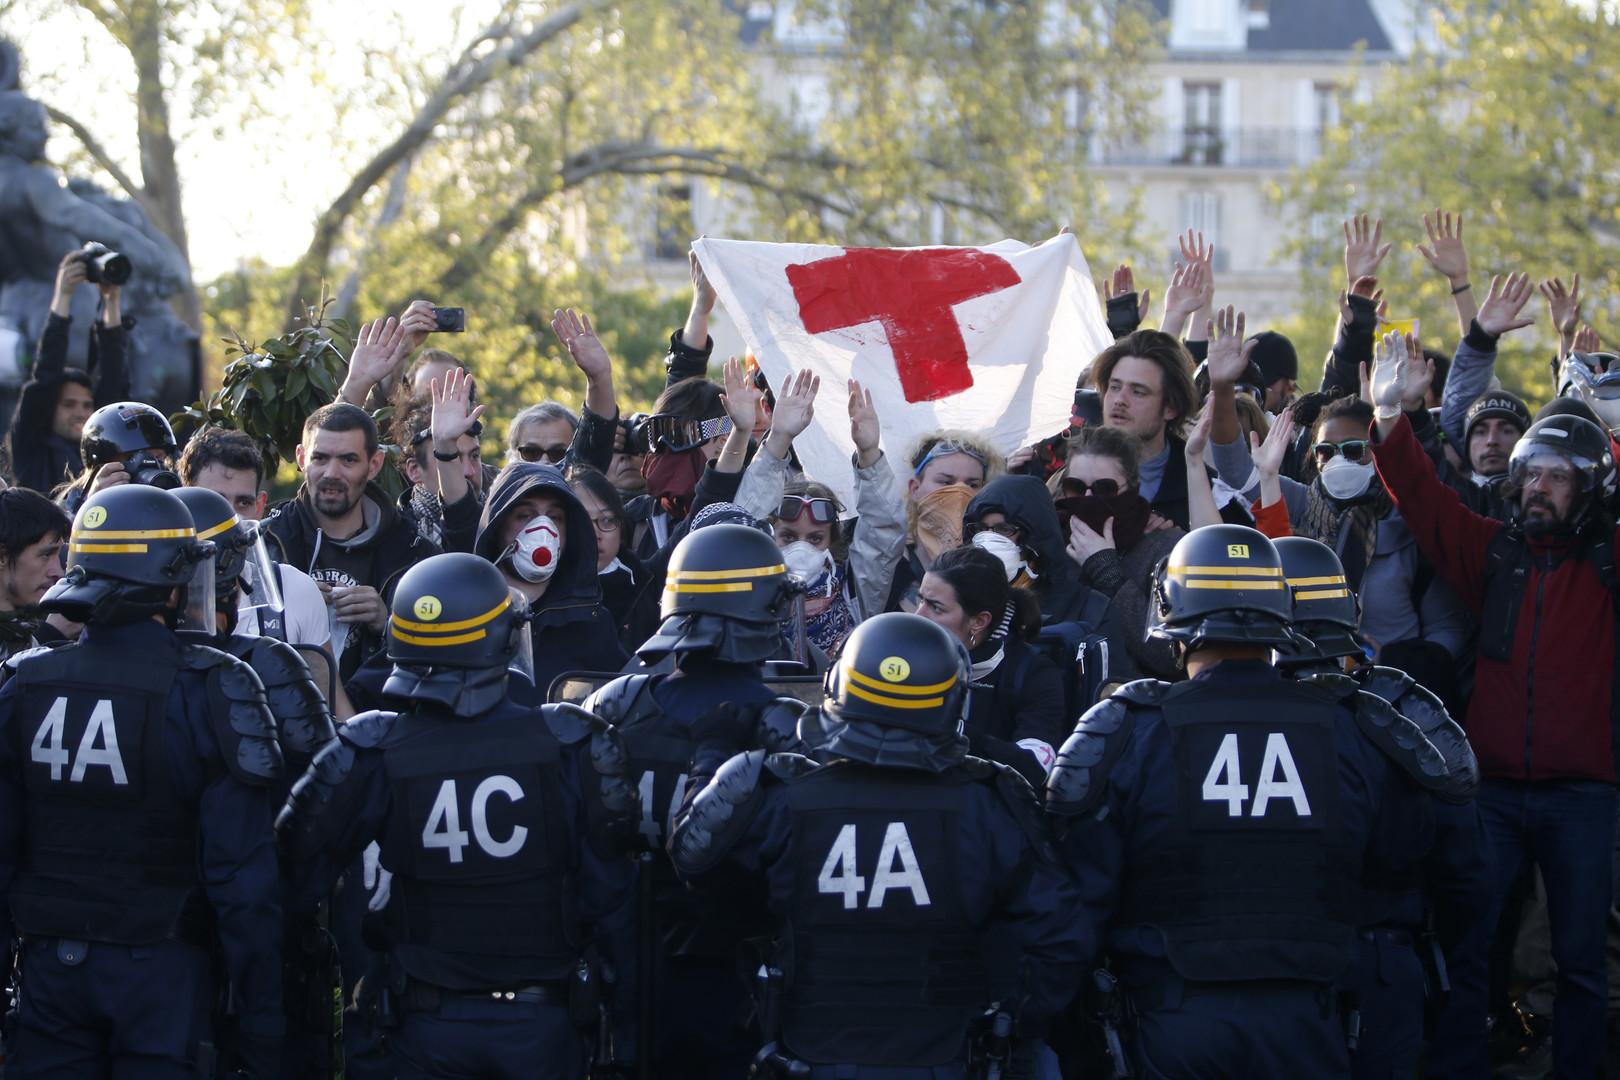 Spezialeinheiten der Polizei greifen die Demonstration in Paris an, Frankreich.